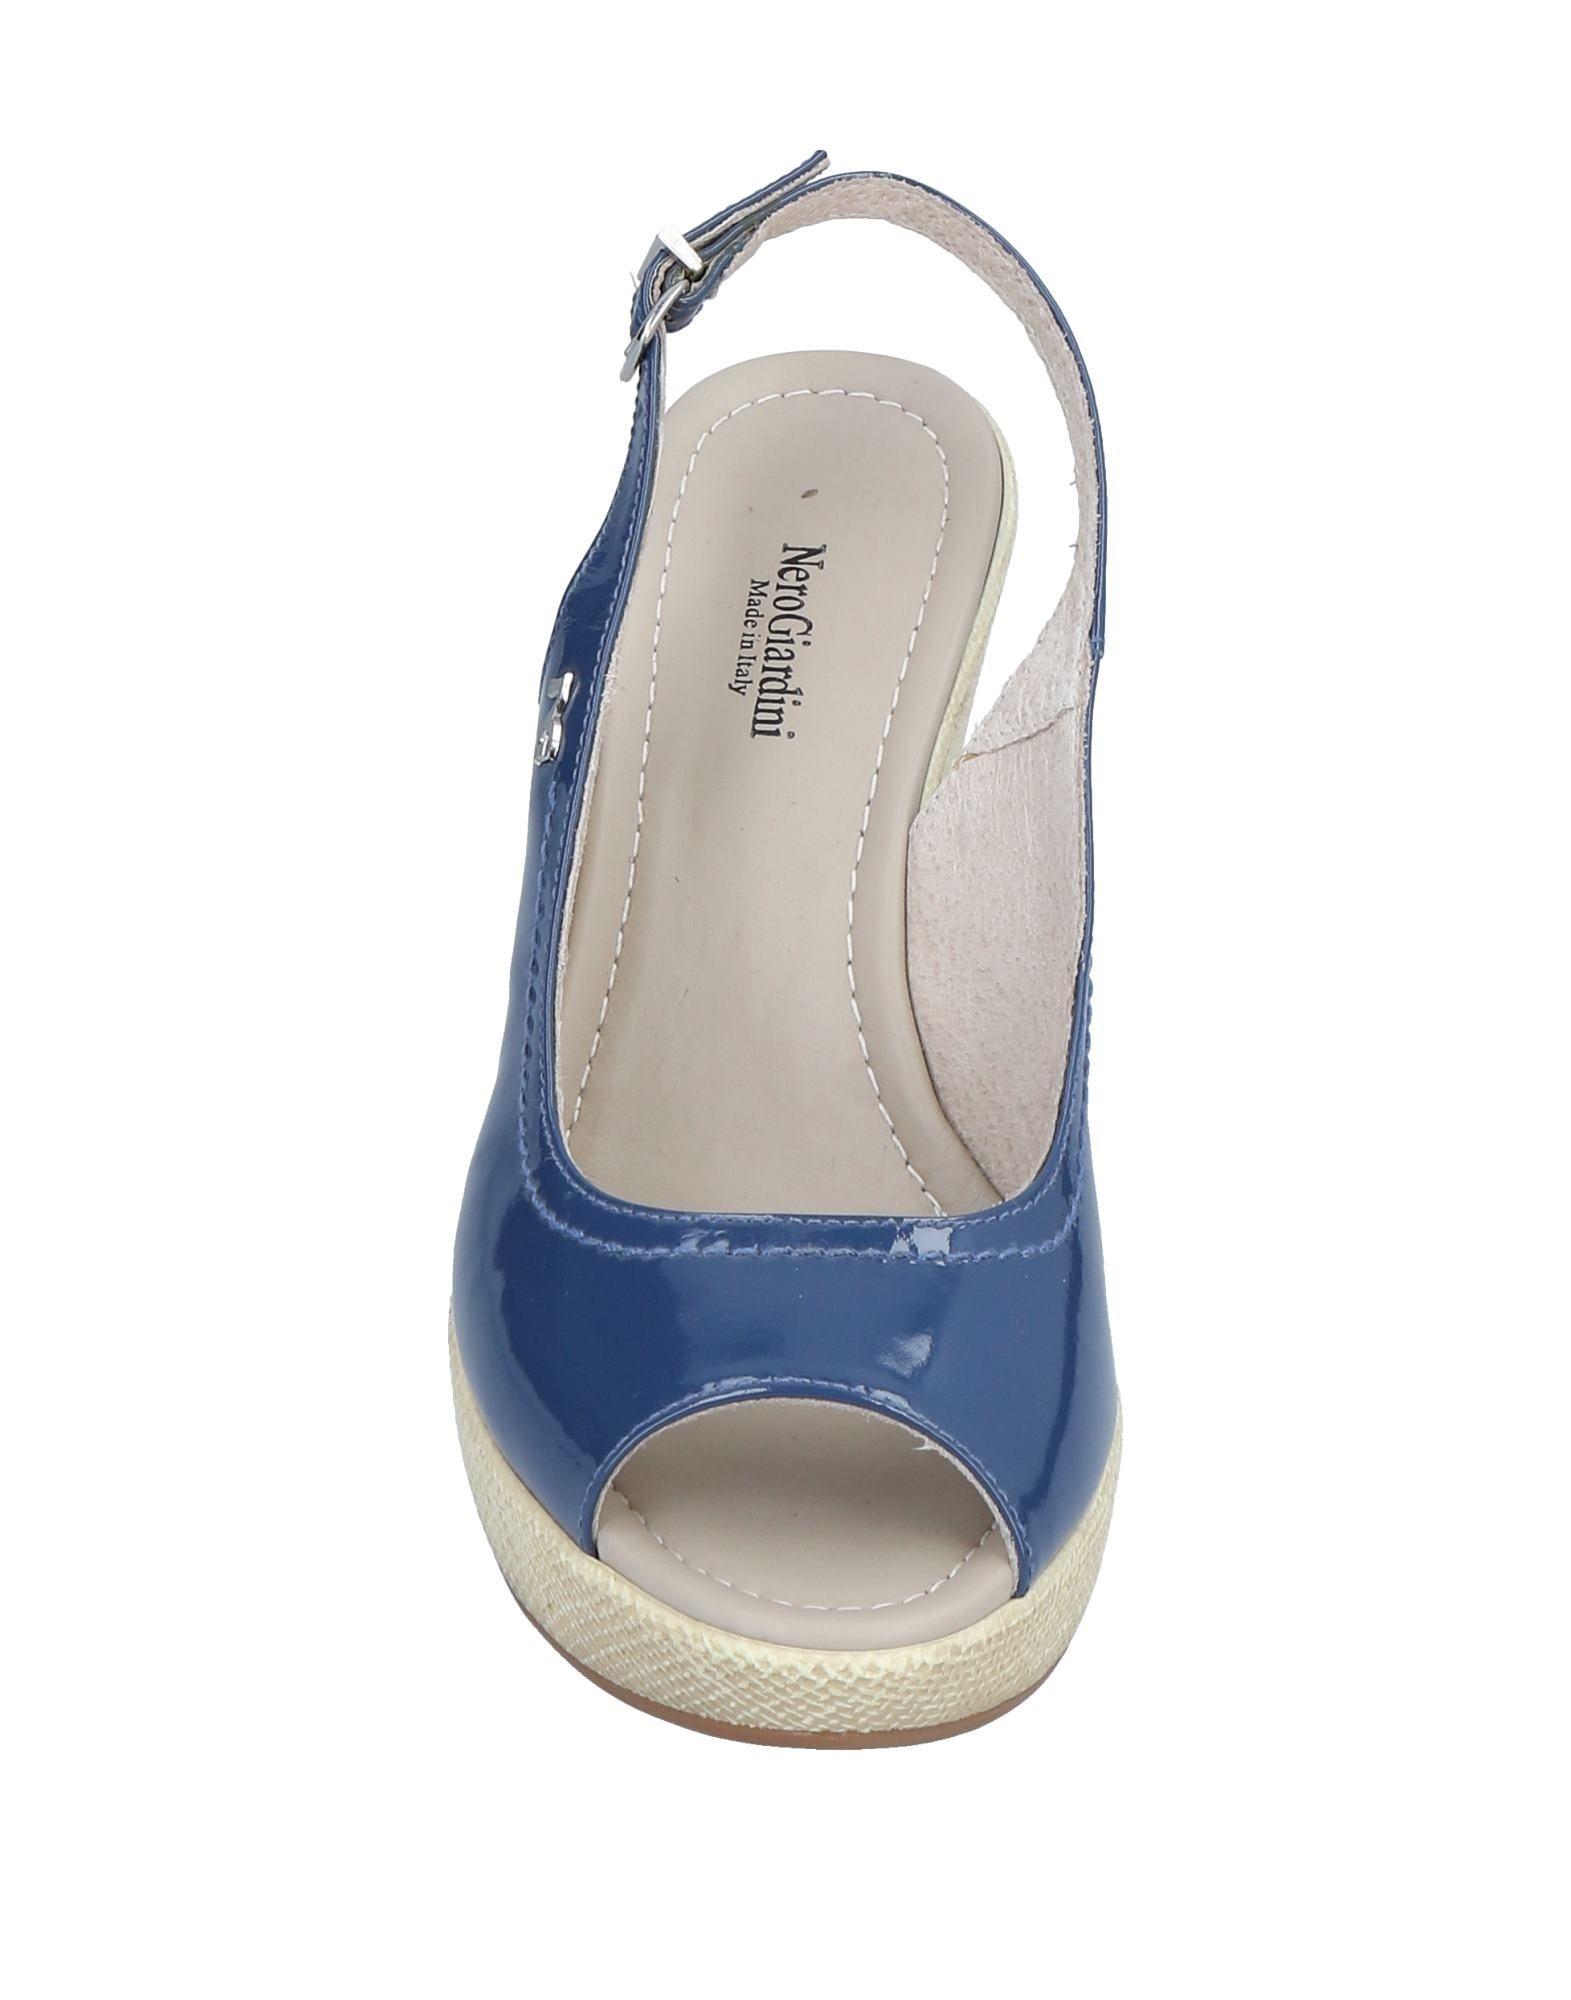 Ng Nero Giardini Sandalen Damen sich Gutes Preis-Leistungs-Verhältnis, es lohnt sich Damen 97f44f